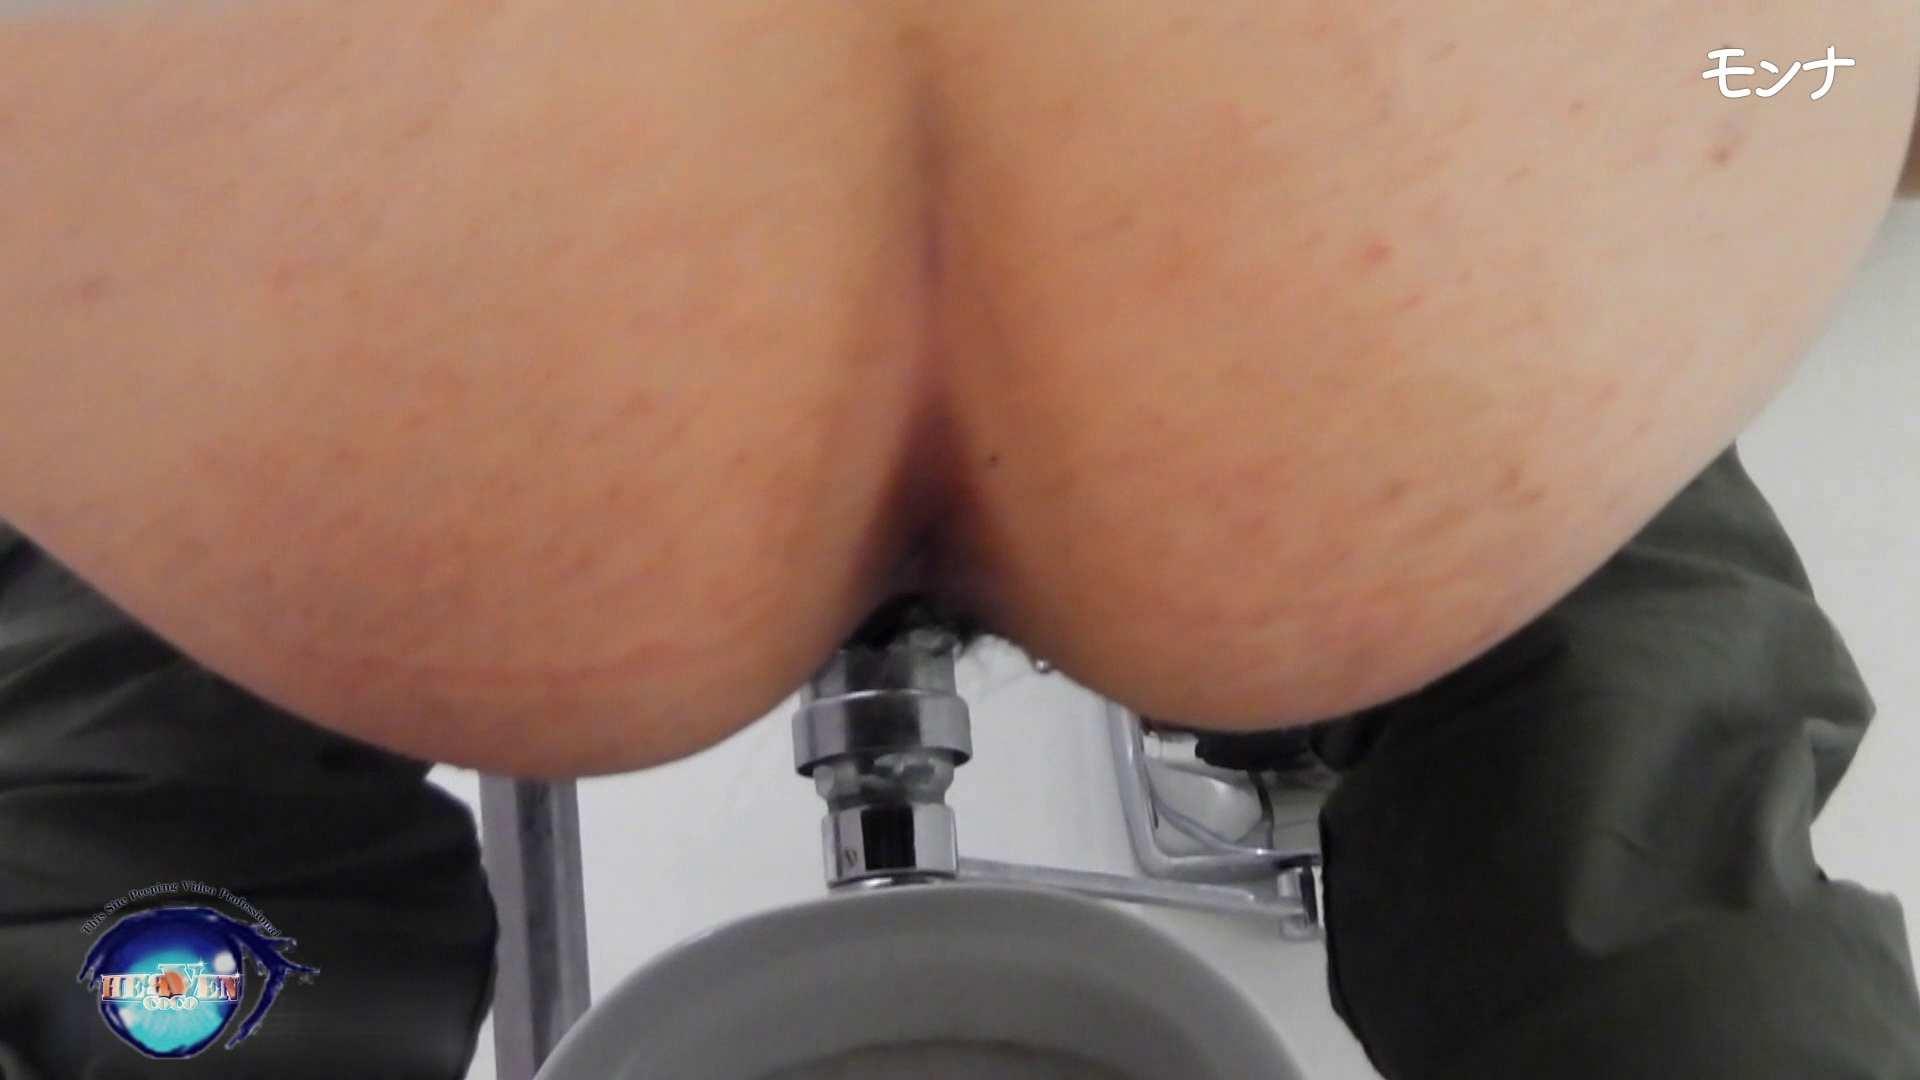 【美しい日本の未来】美しい日本の未来 No.76 育ちのいいお嬢様達は、トイレの姿勢も綺麗・・・・・ お尻   パンスト  88pic 82